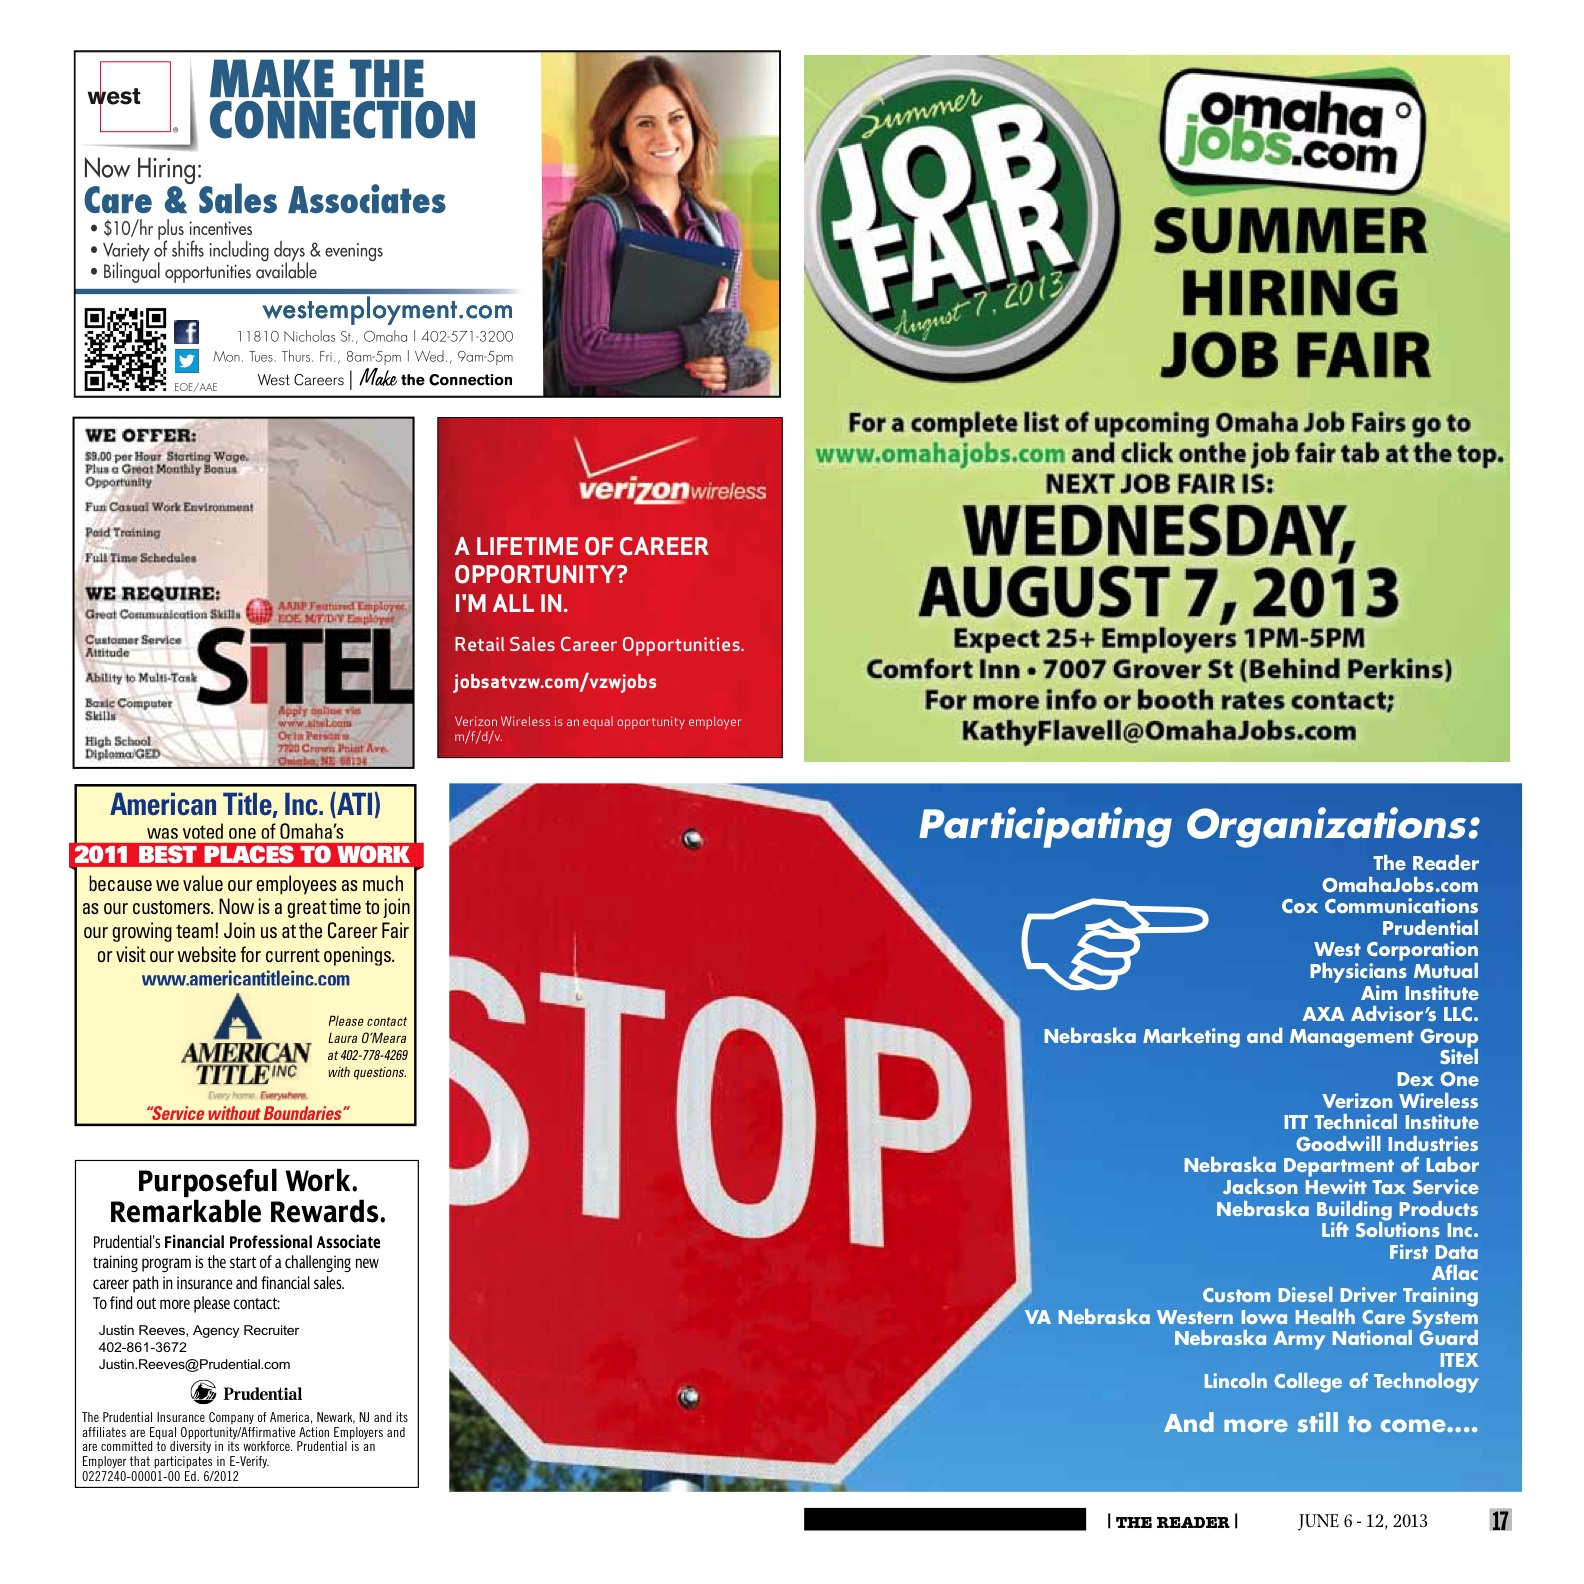 OmahaJobs Job Fair June 5 2013 1 5 Tickets Wed Jun 5 2013 at 1 00 PM